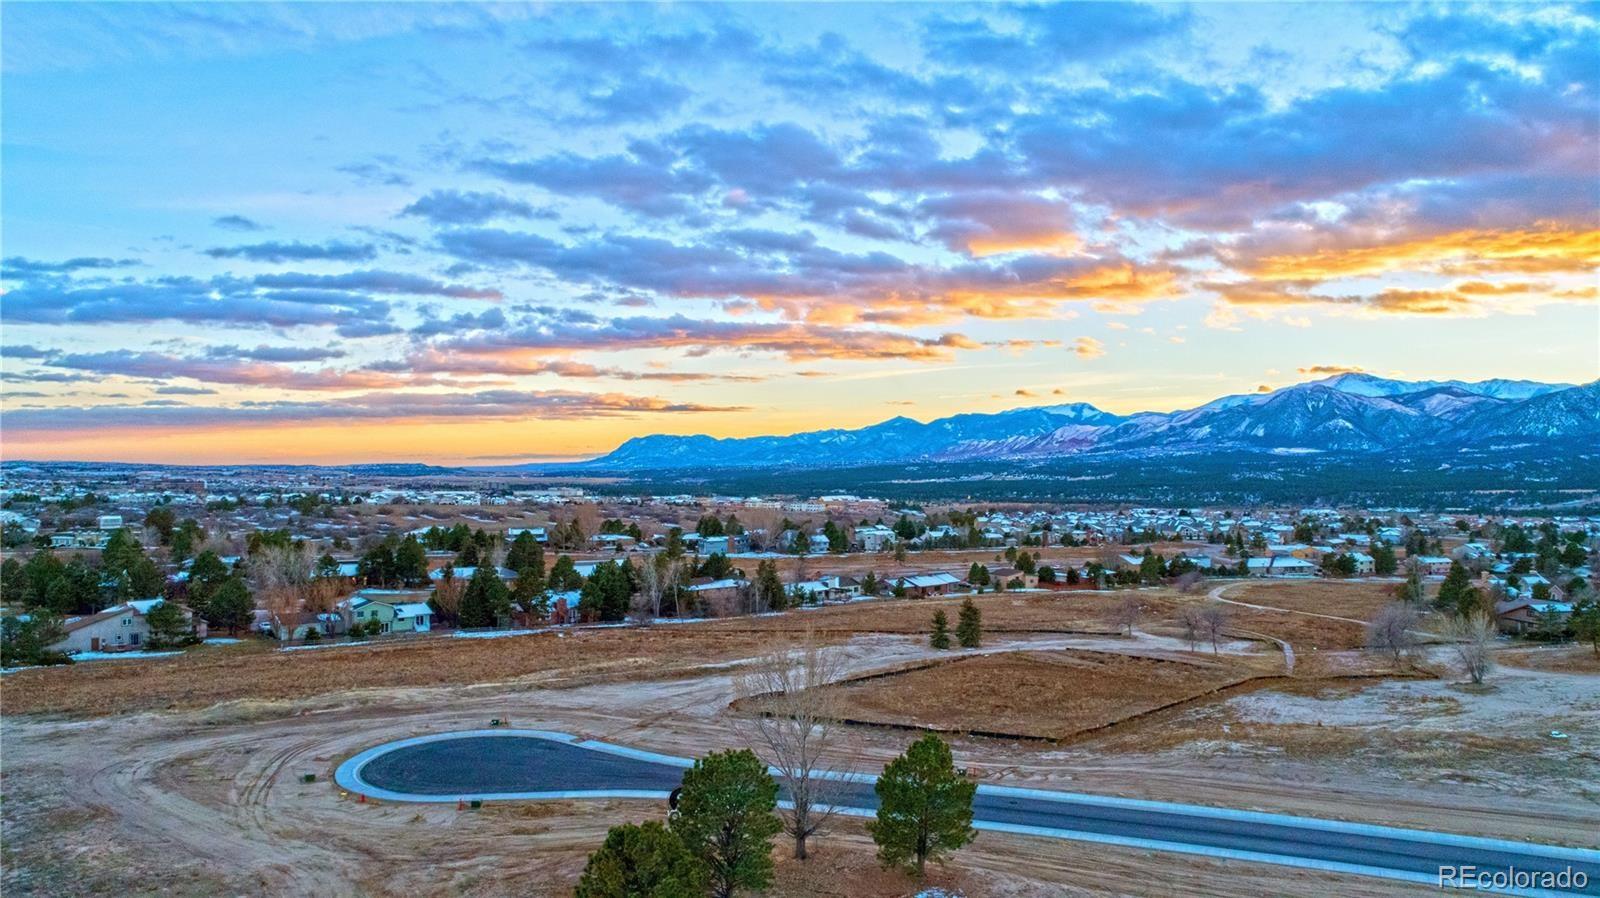 MLS# 6729132 - 4 - 350 Silver Rock Place, Colorado Springs, CO 80921